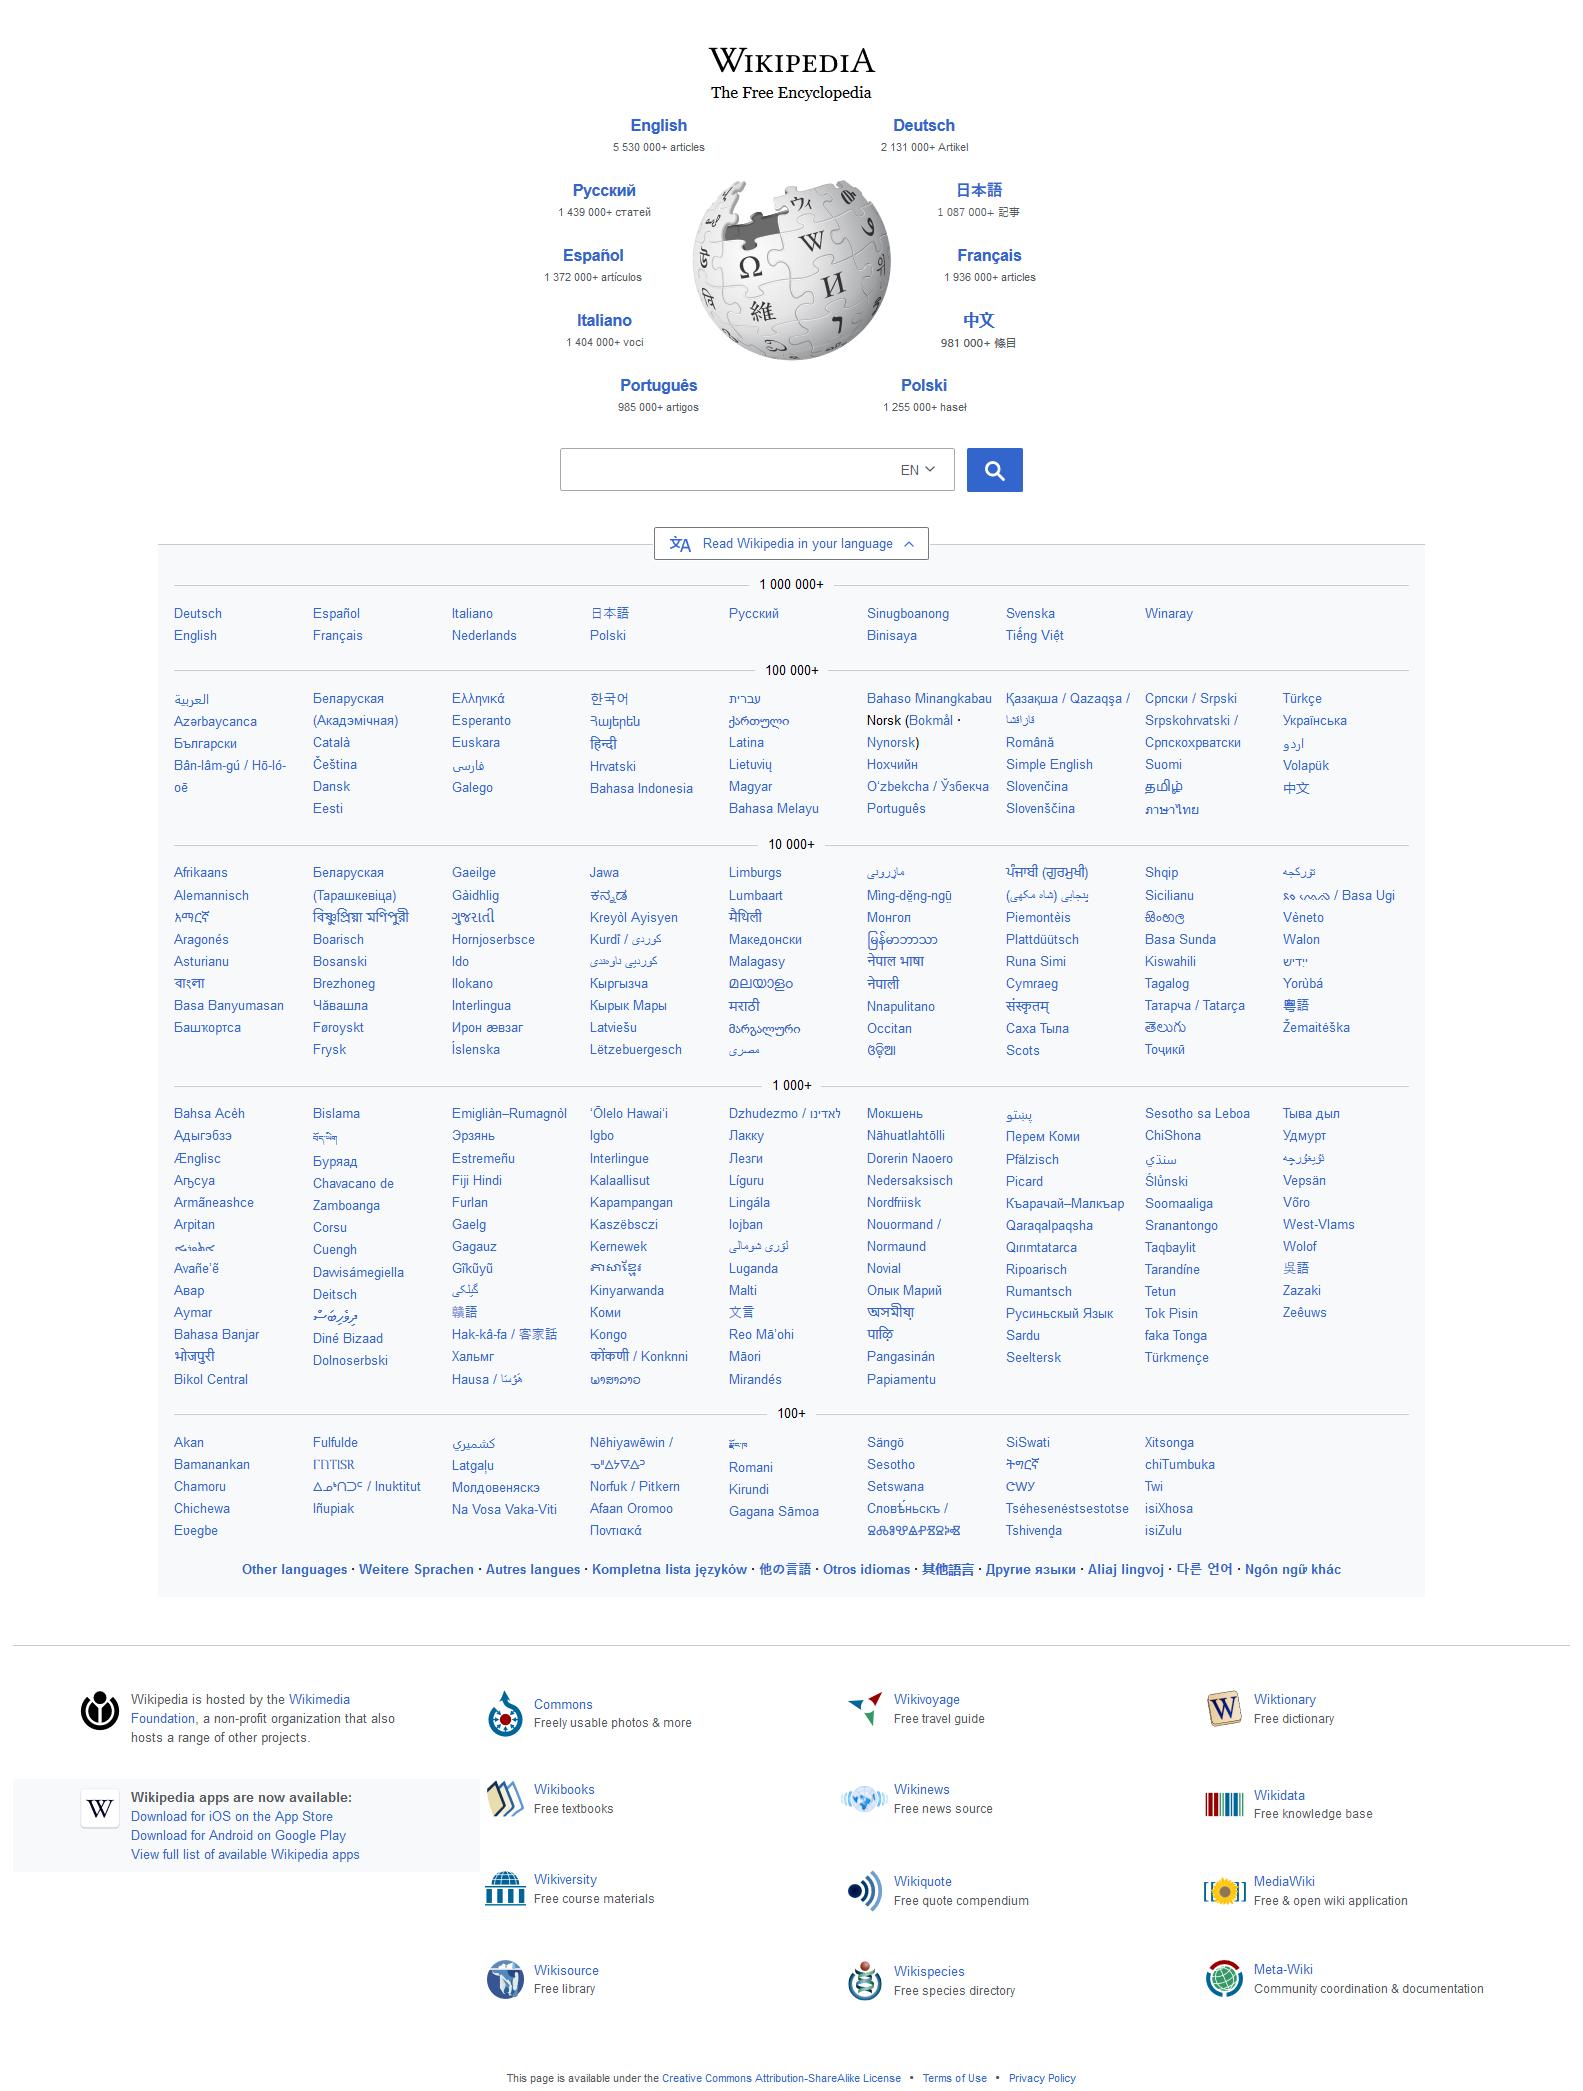 List of Wikipedias - Wikipedia